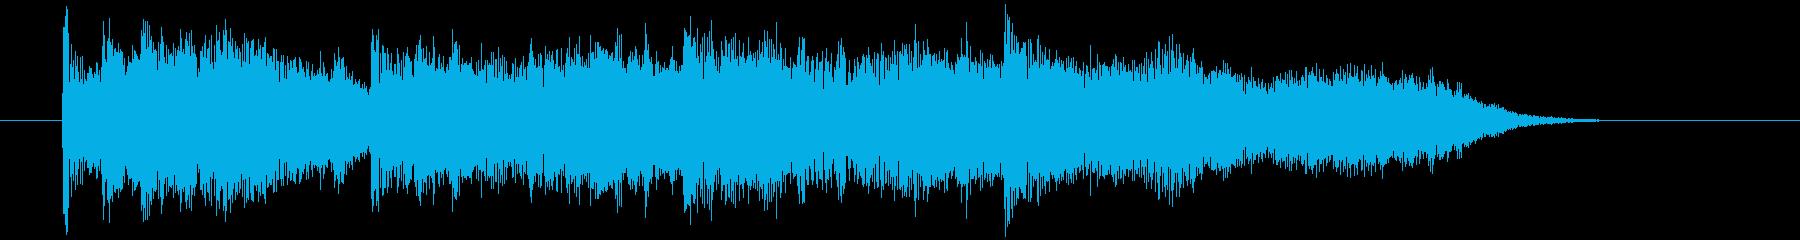 デジタルが奏でるほのぼの演歌の再生済みの波形